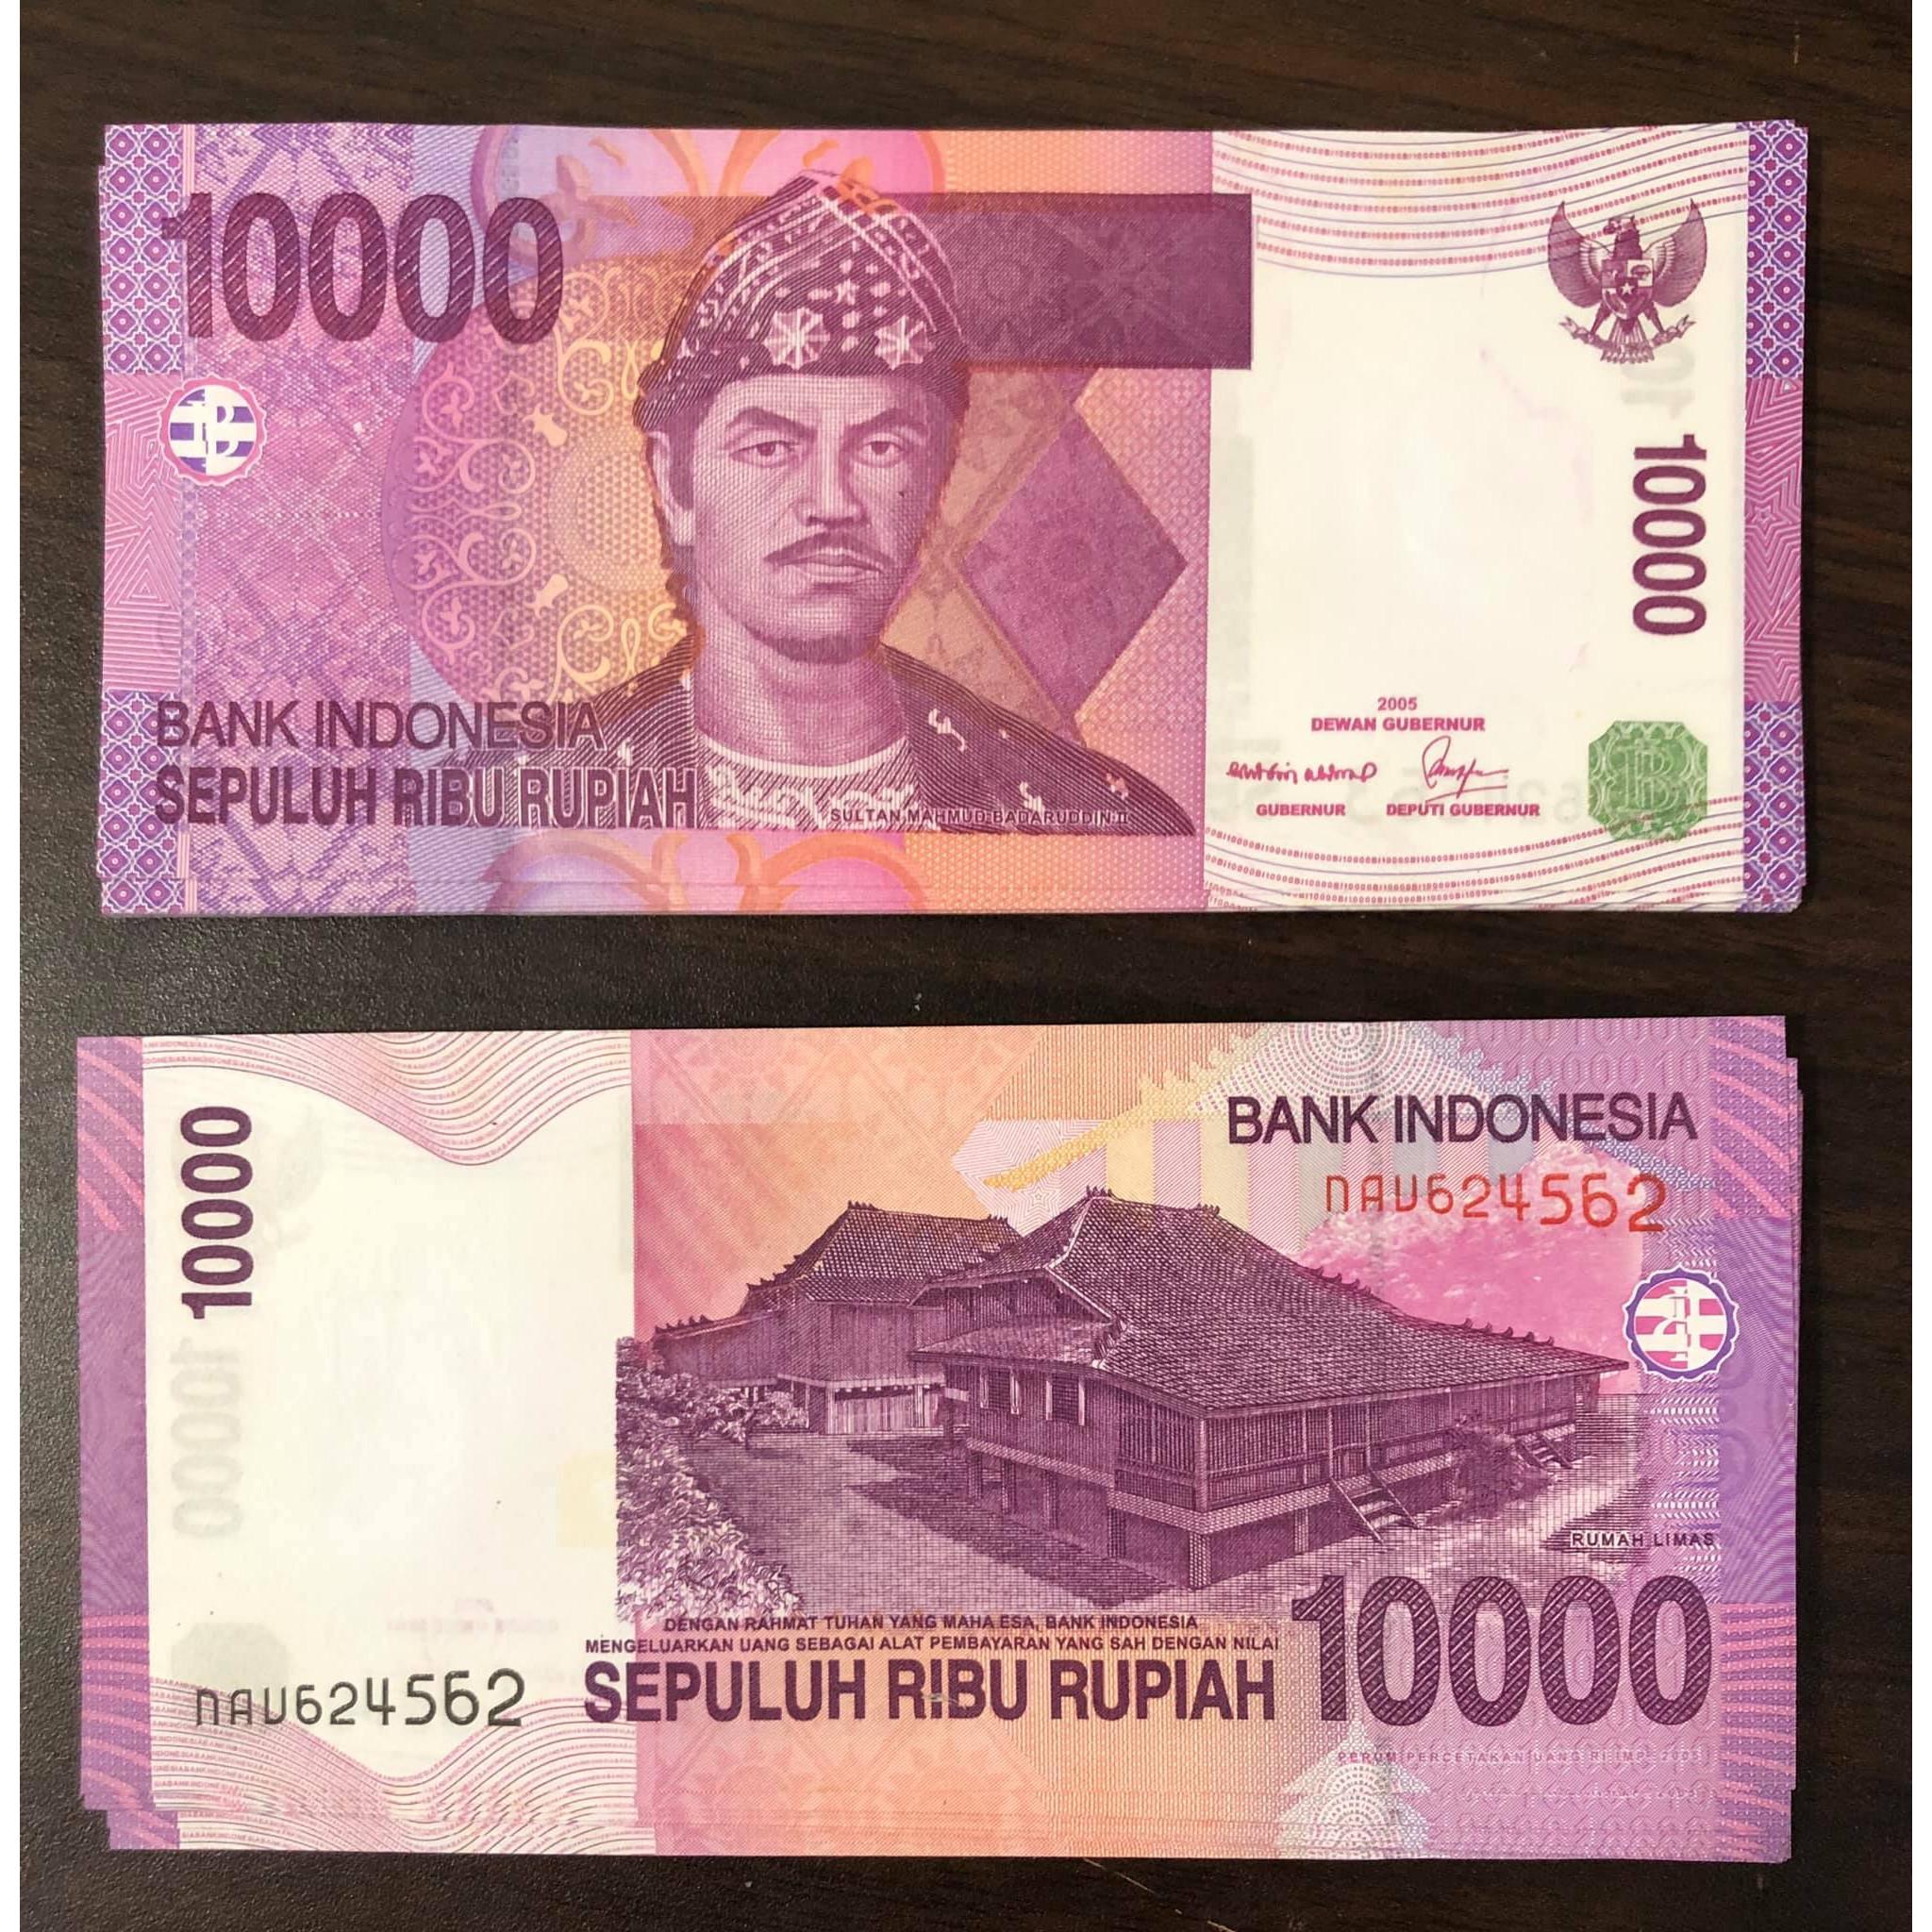 01 tờ tiền cổ 10000 Rupiah Indonesia sưu tầm